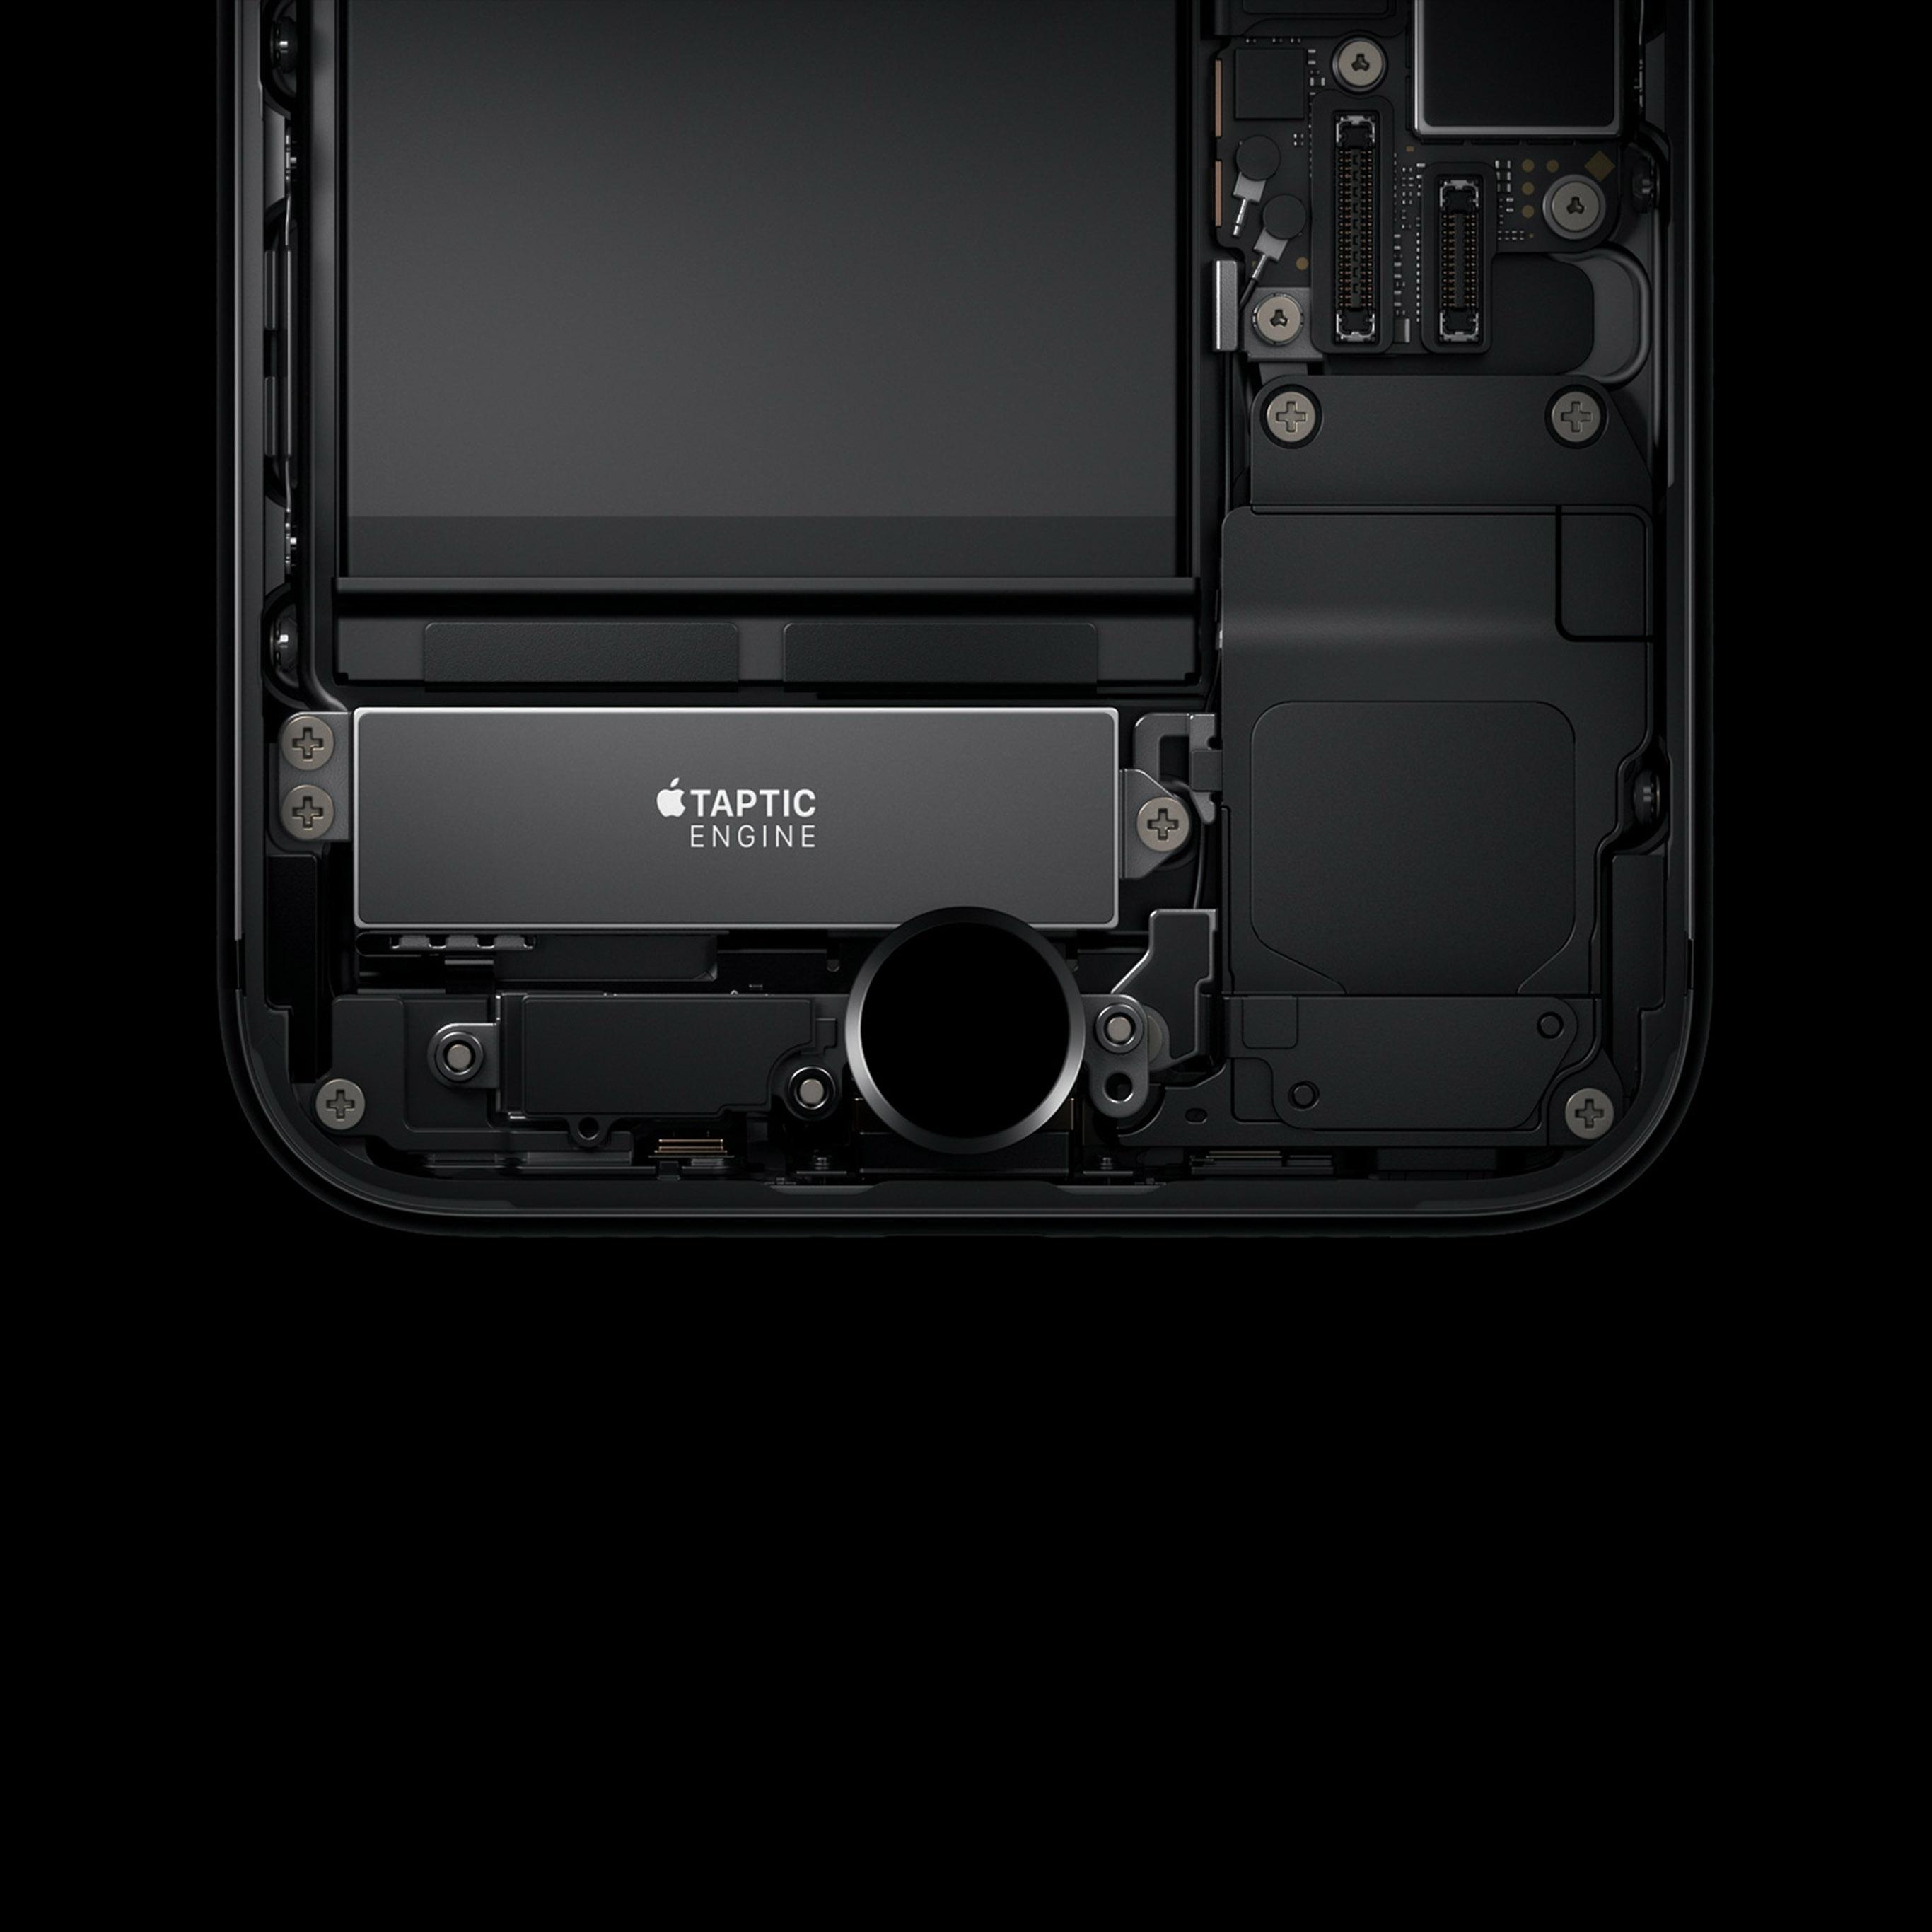 As87 Dark Minimal Iphone7 Haptic Art Illustration Apple